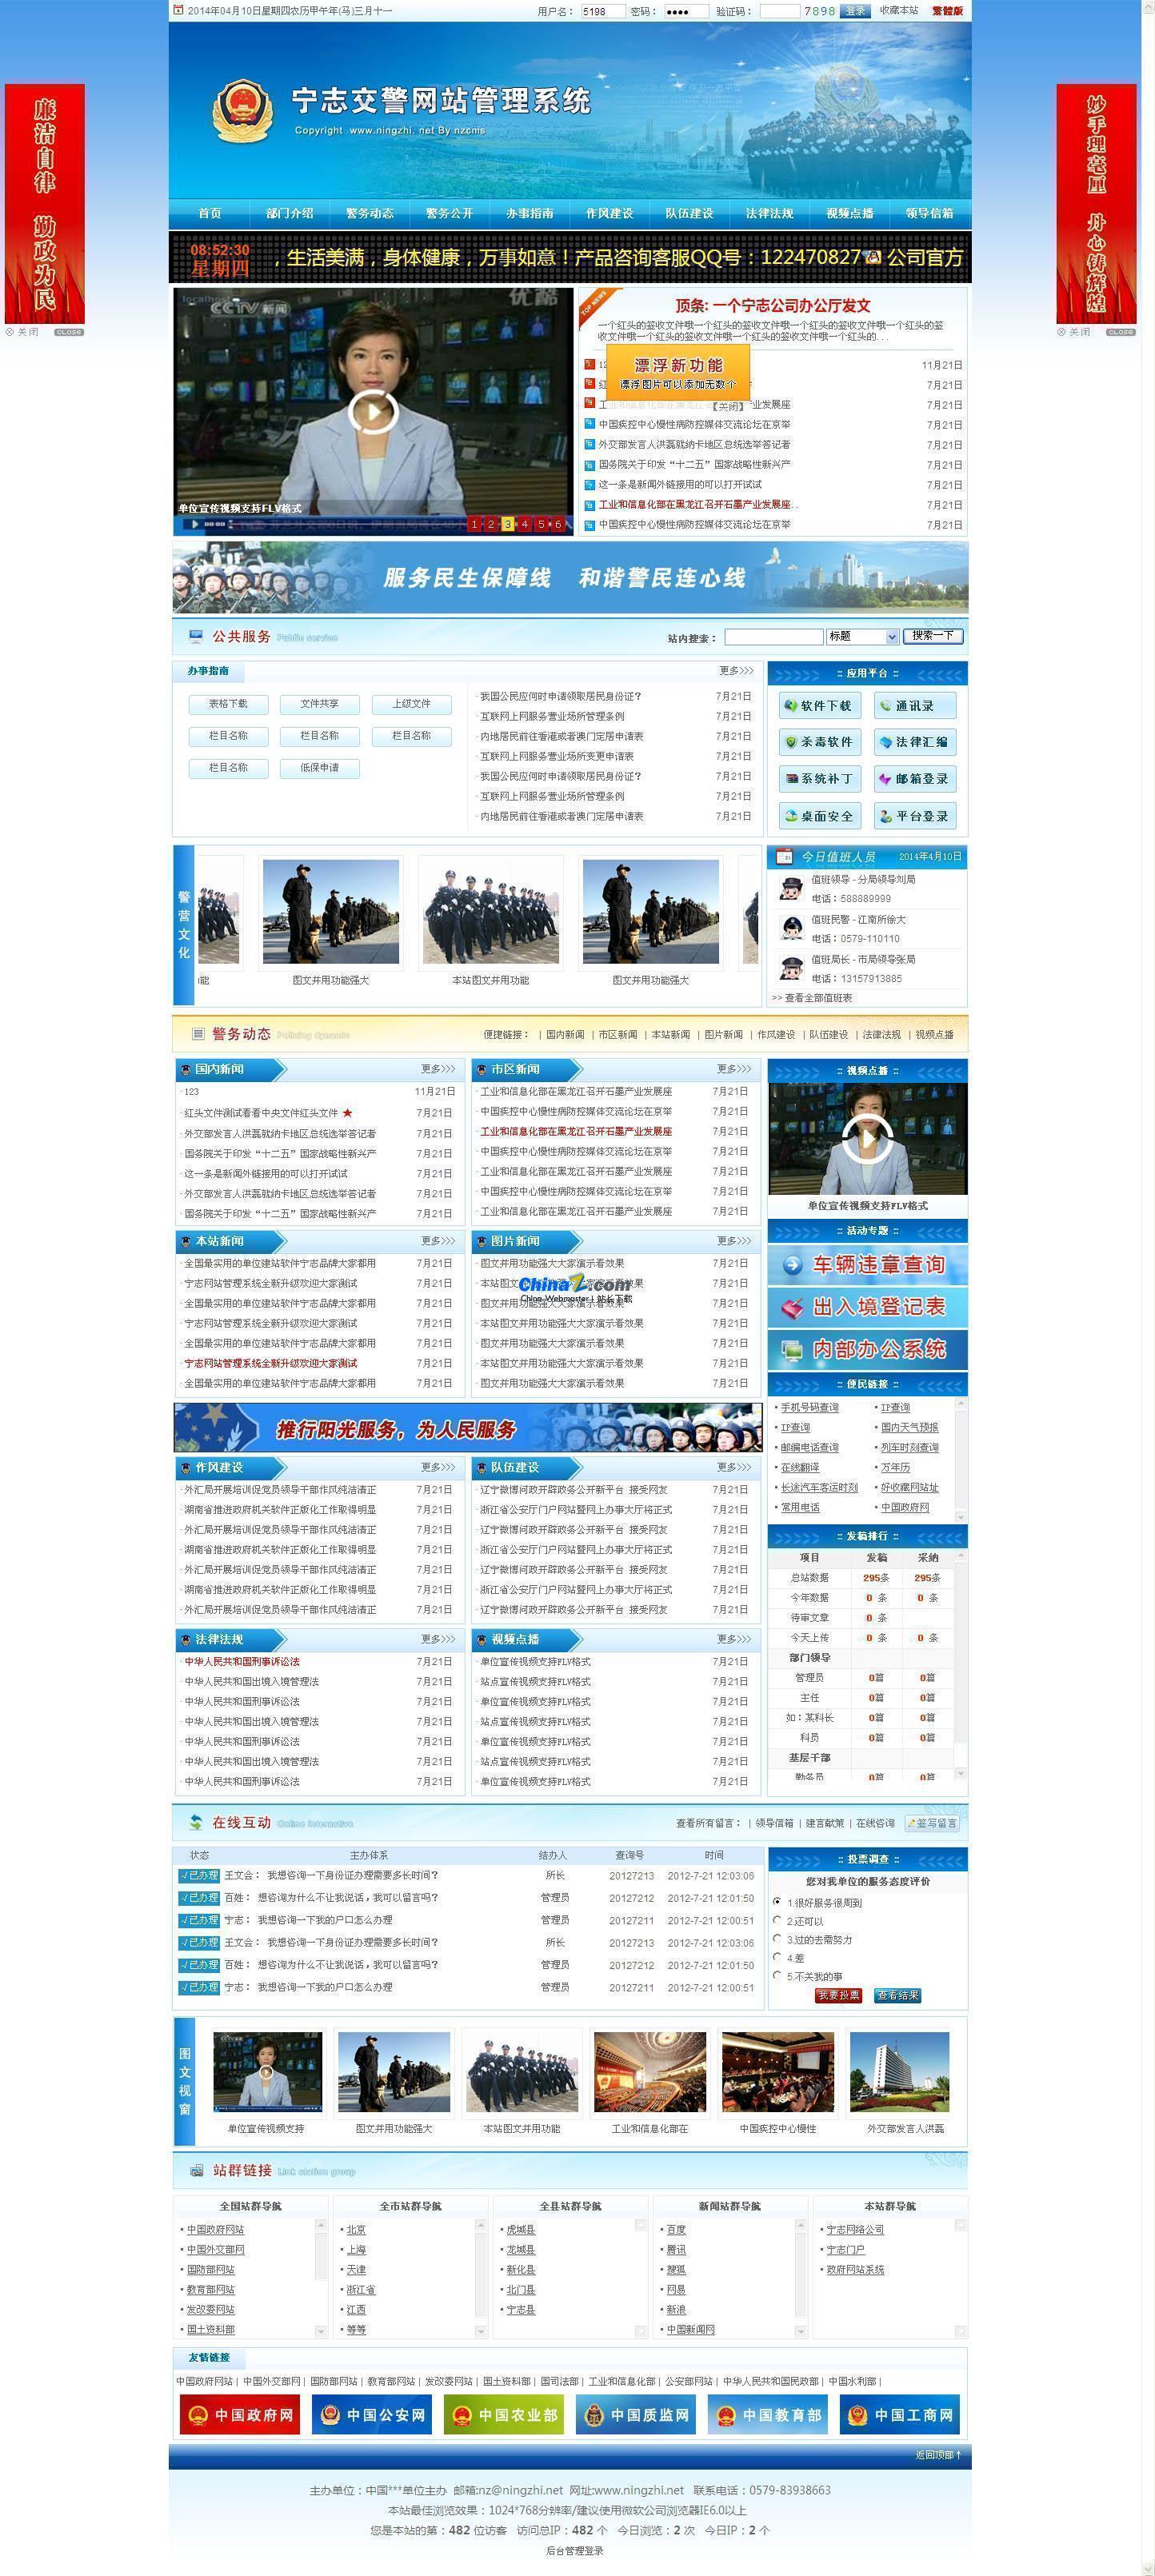 宁志交警队网站管理系统-蓝色模板